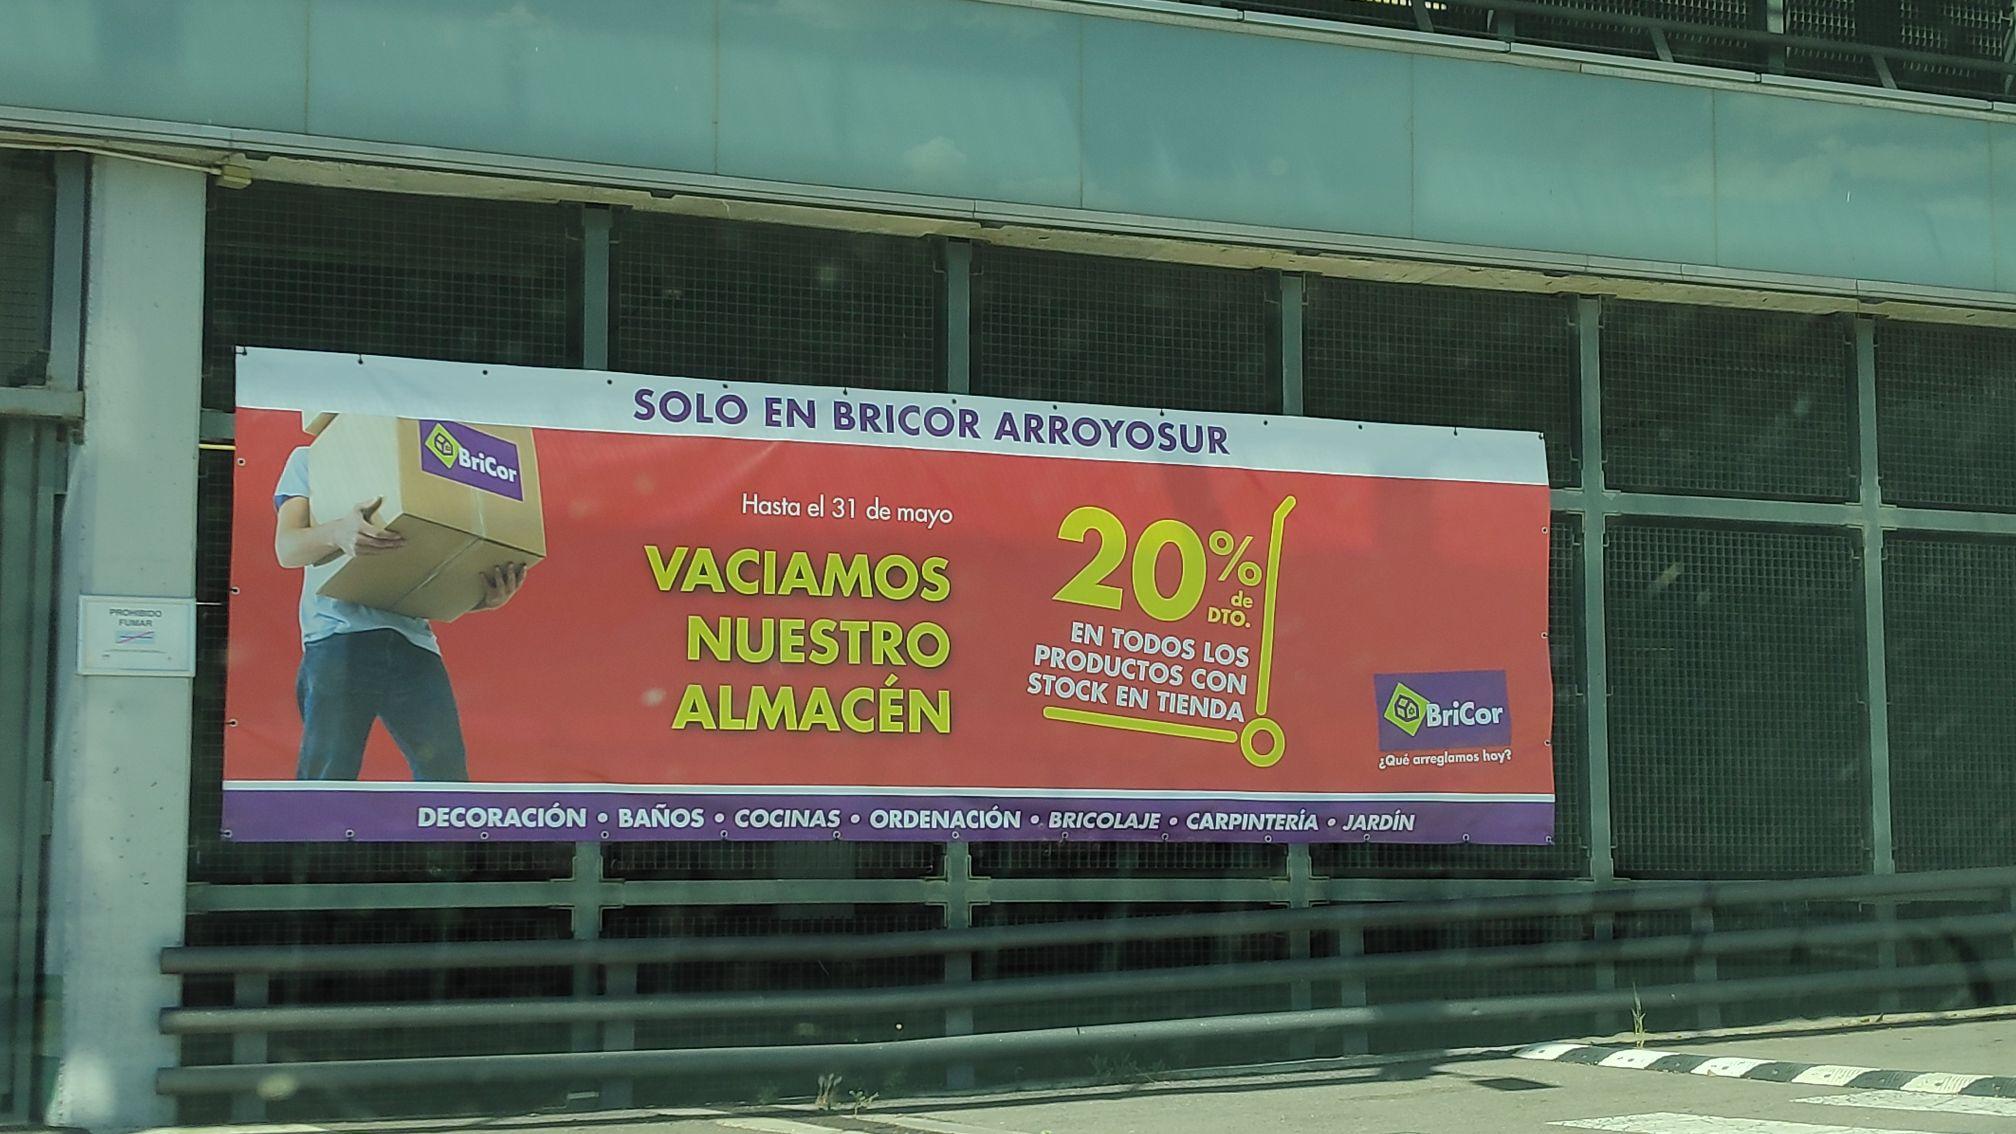 20% descuento Bricor (Bricor arroyosur)